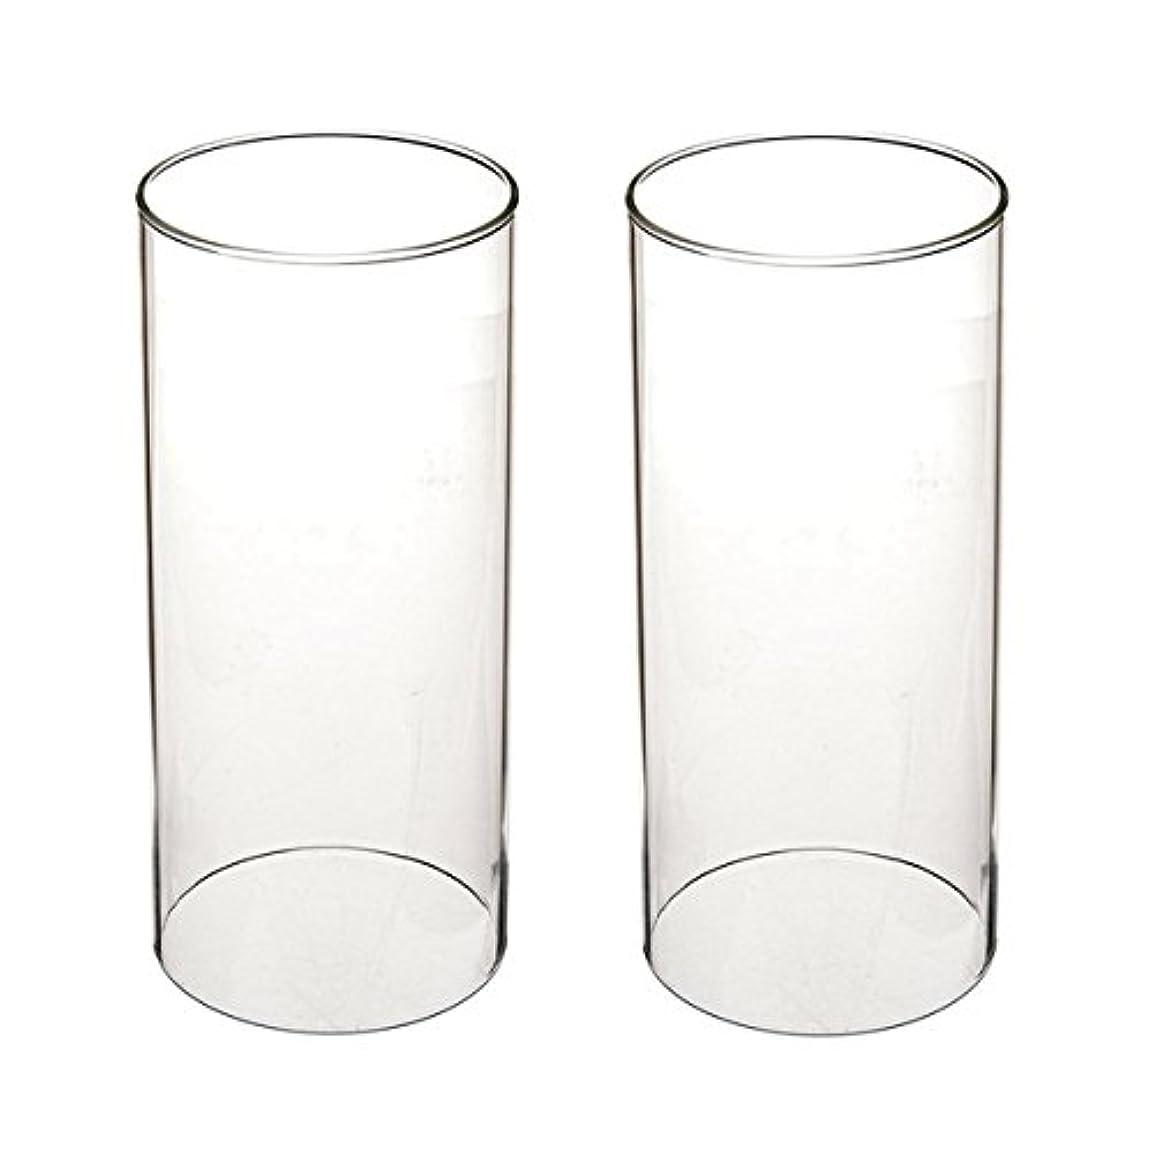 バリースポンジふくろうガラス煙突for Candleオープンエンド、ホウケイ酸ガラス( d3 h8